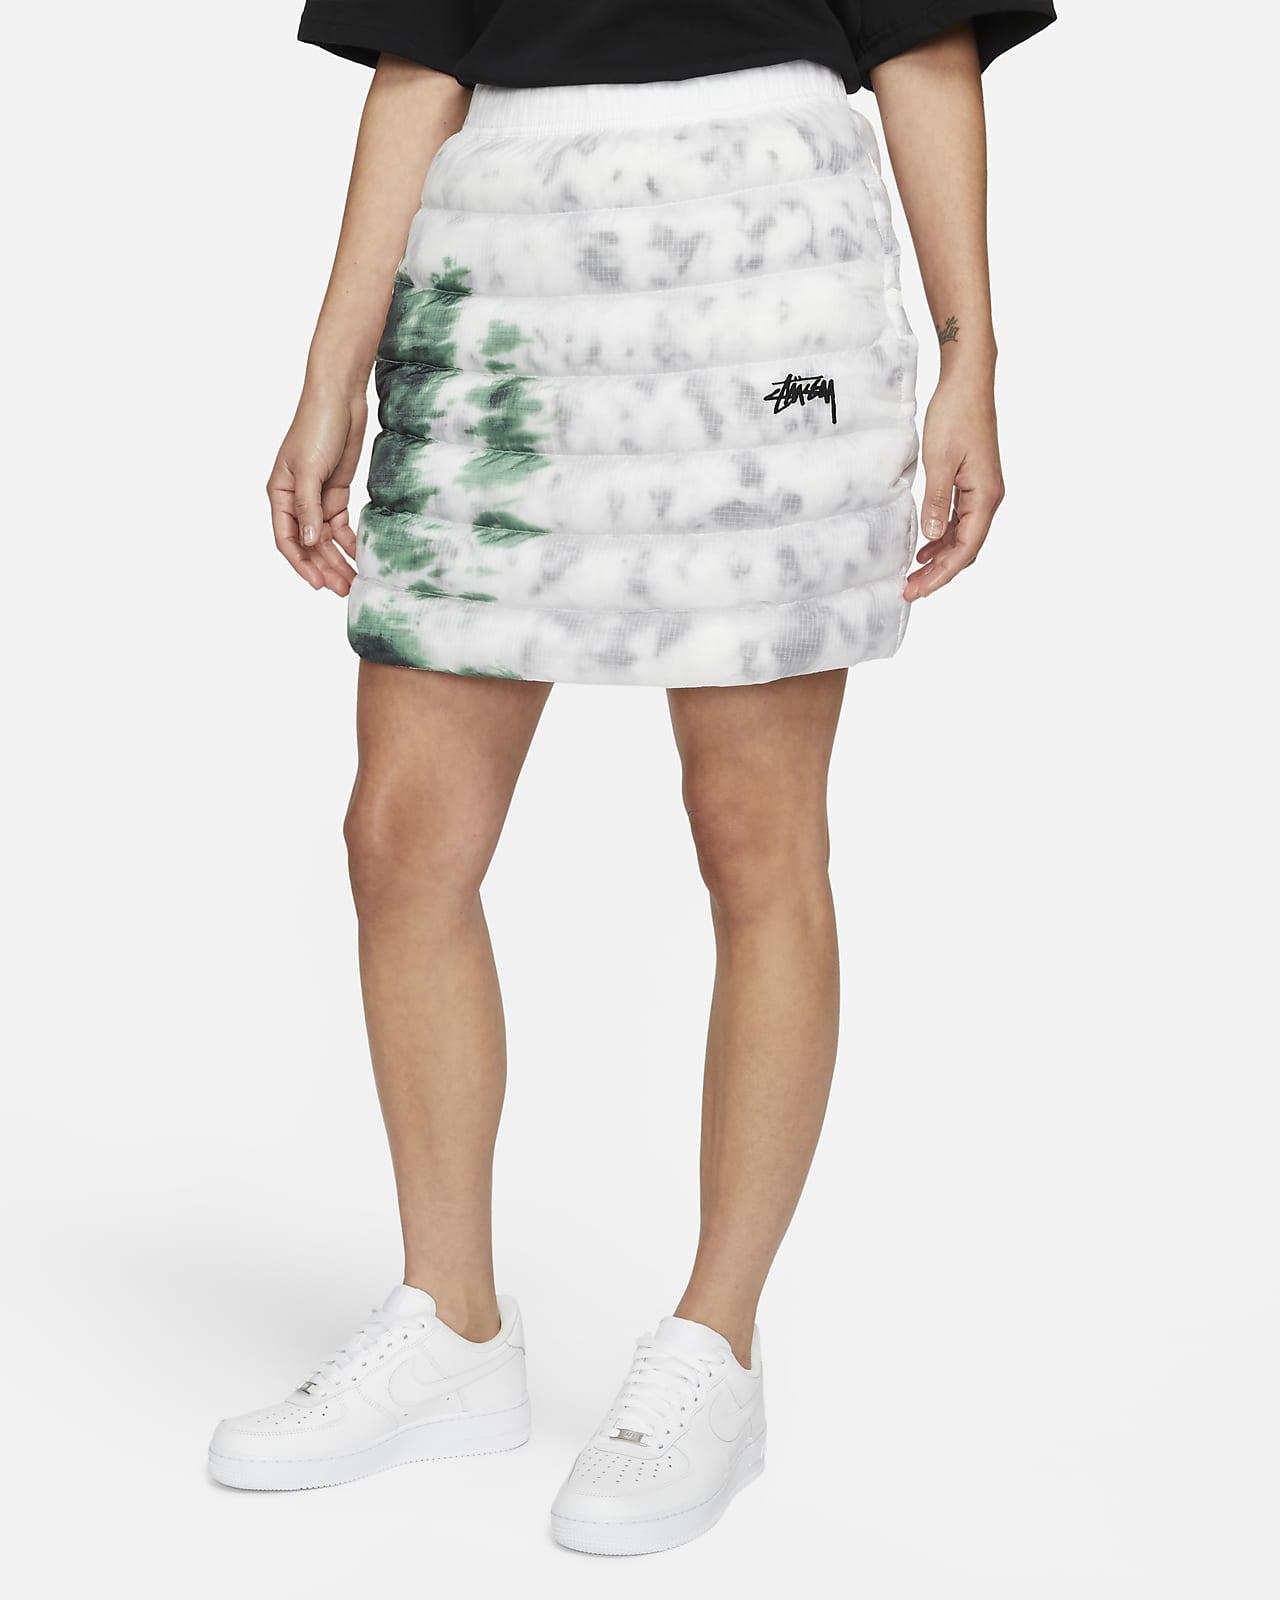 ナイキ x ステューシー インシュレーテッドスカート